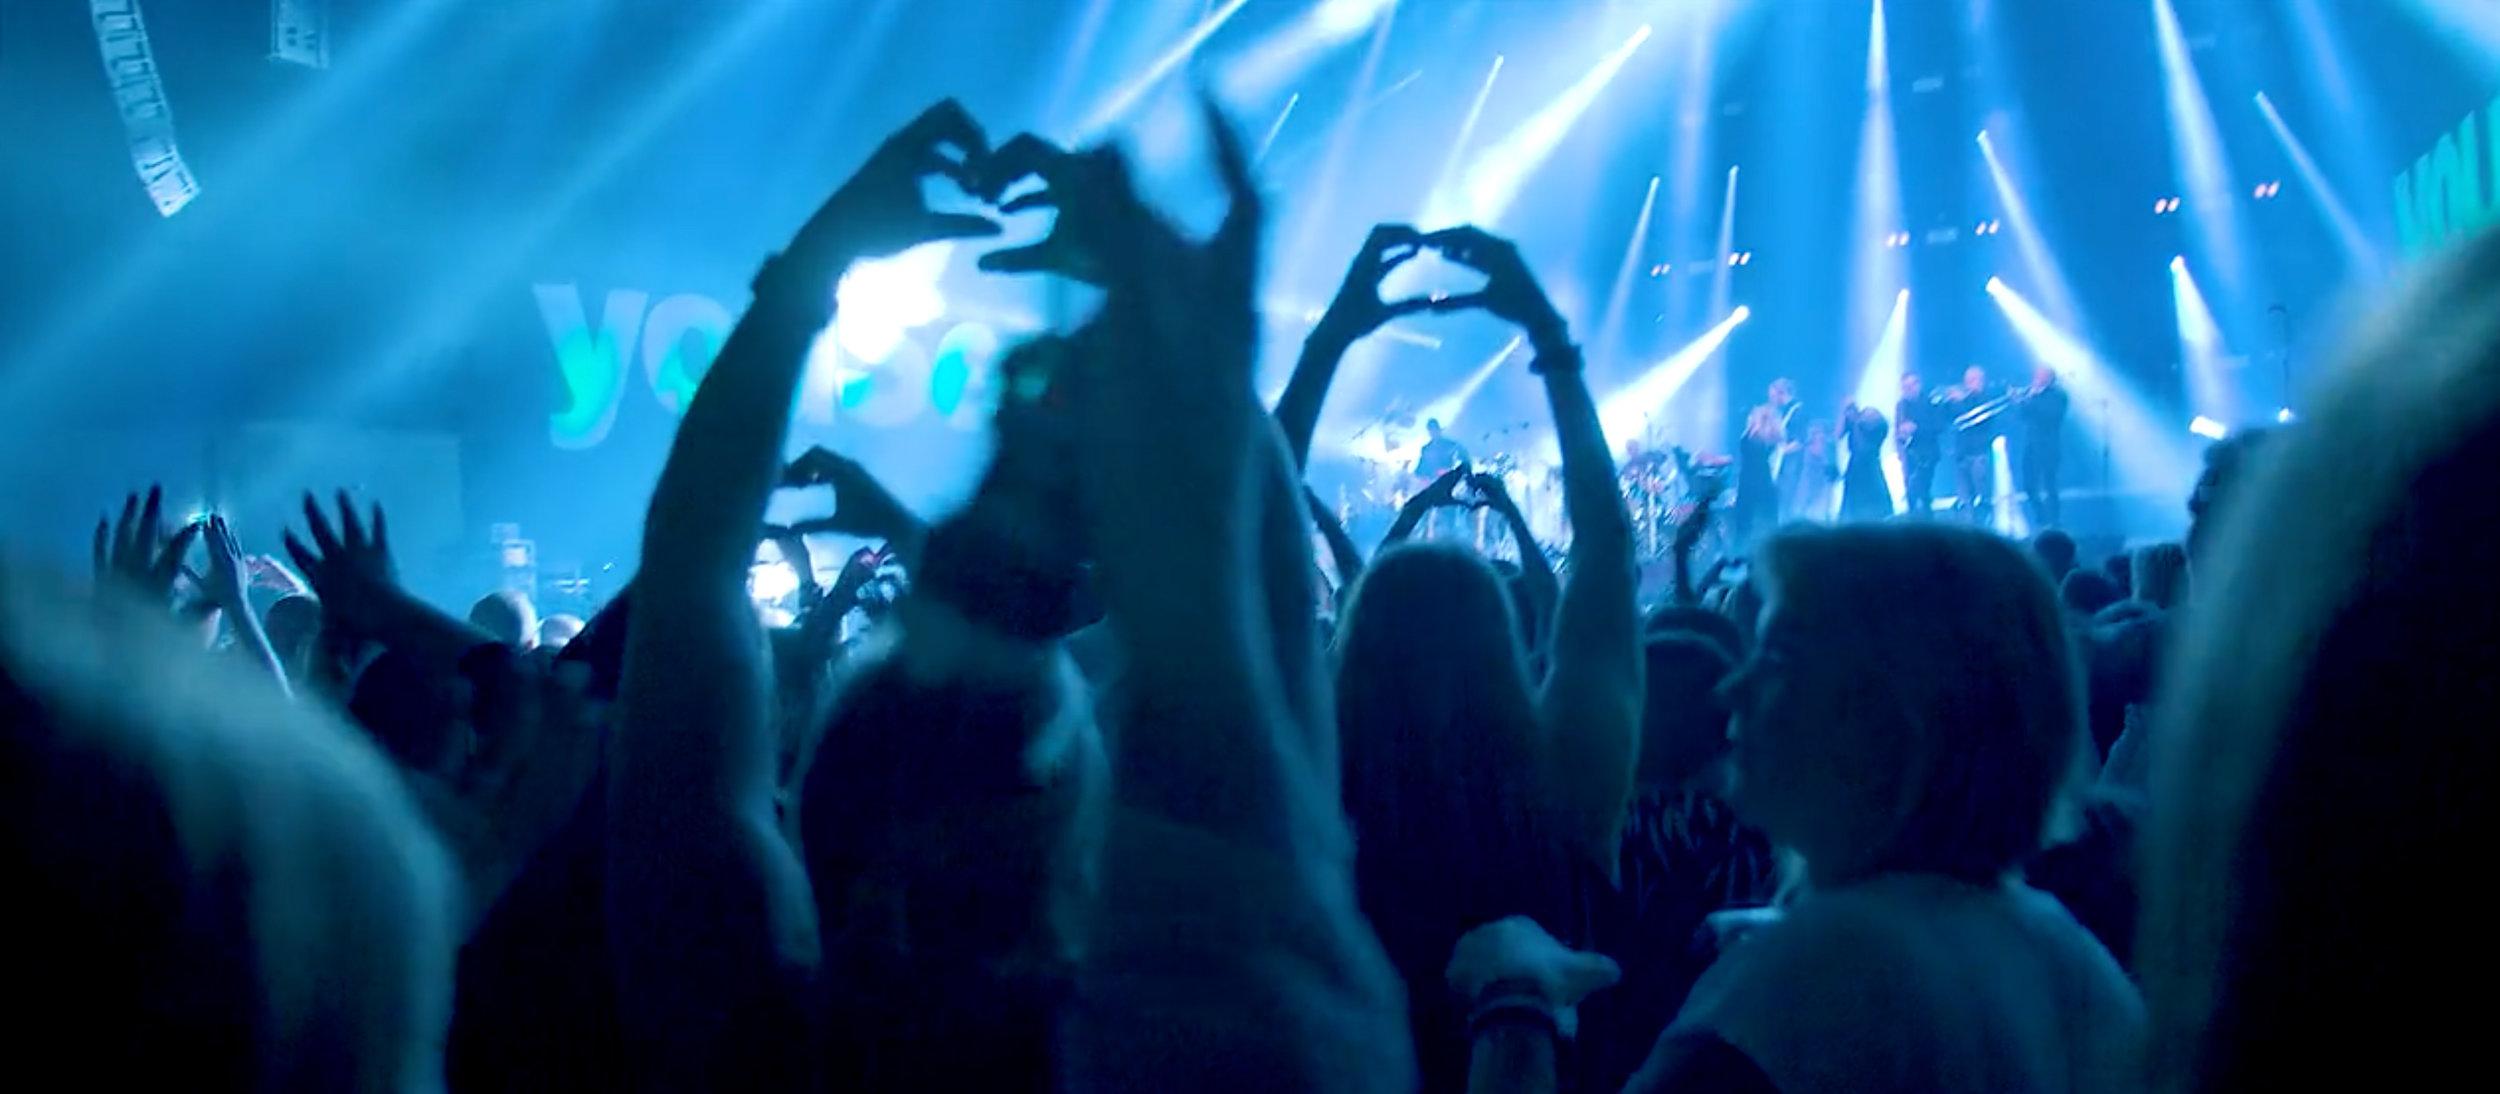 Mrk_musikken_koncert_22.jpg